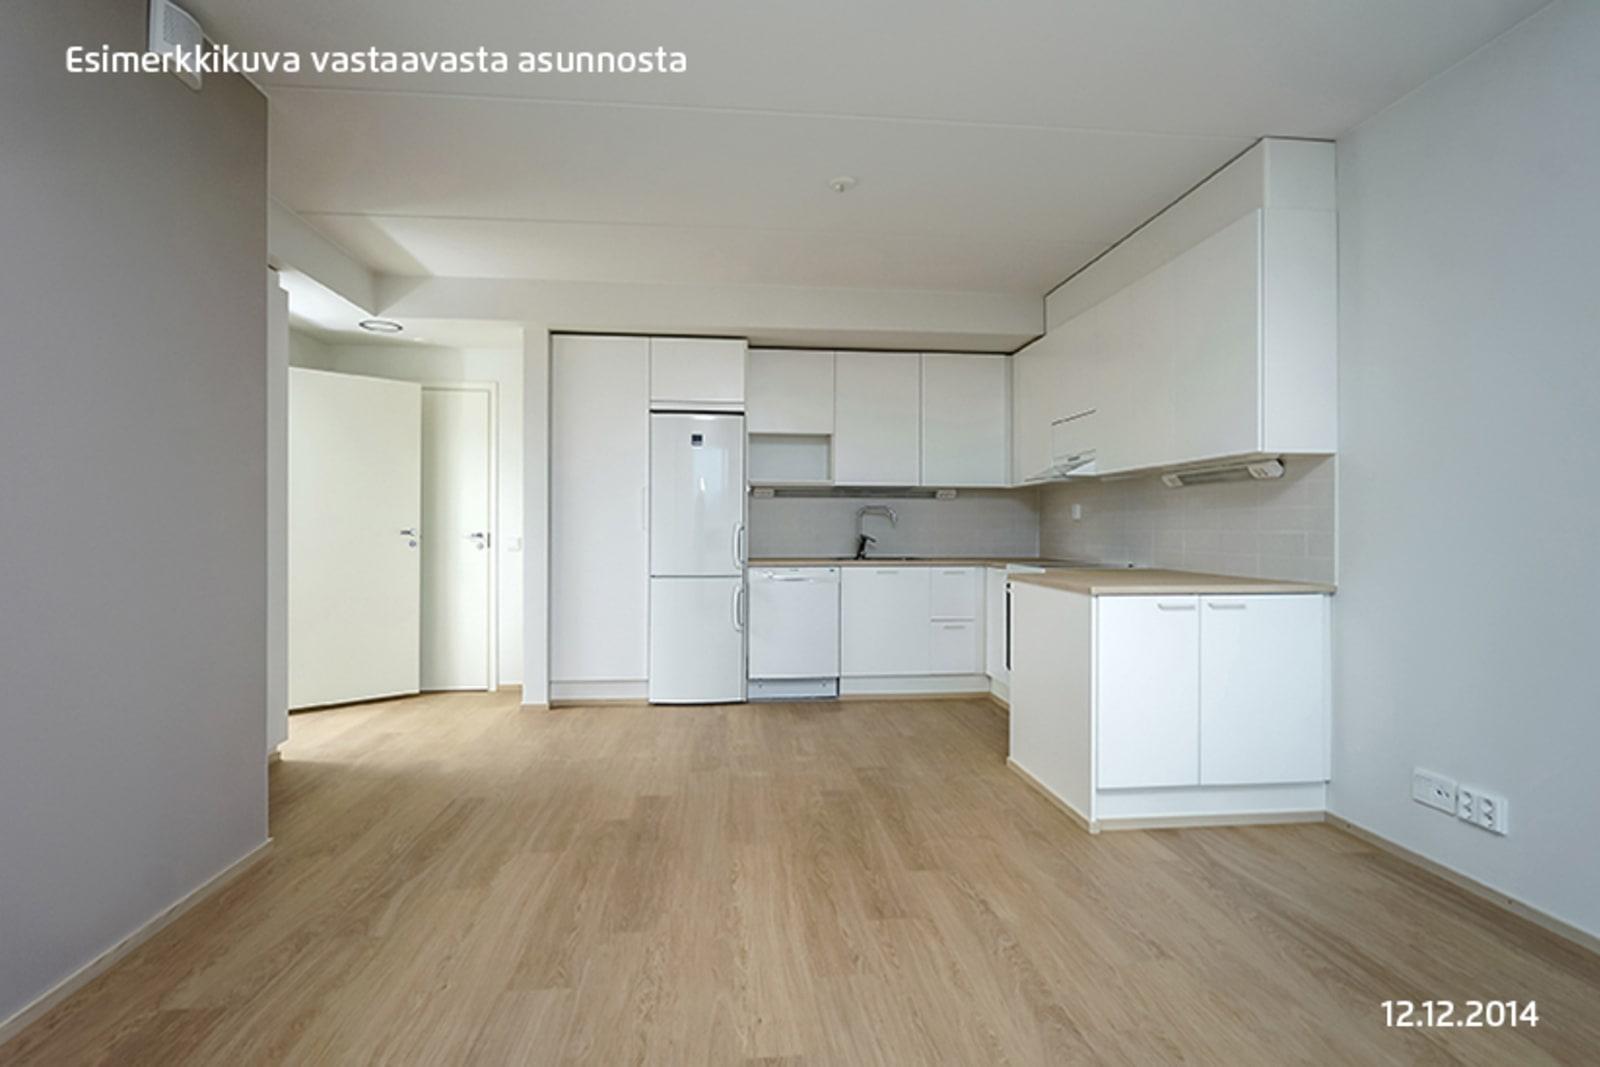 Espoo, Suurpelto, Henttaan puistokatu 8 A 020